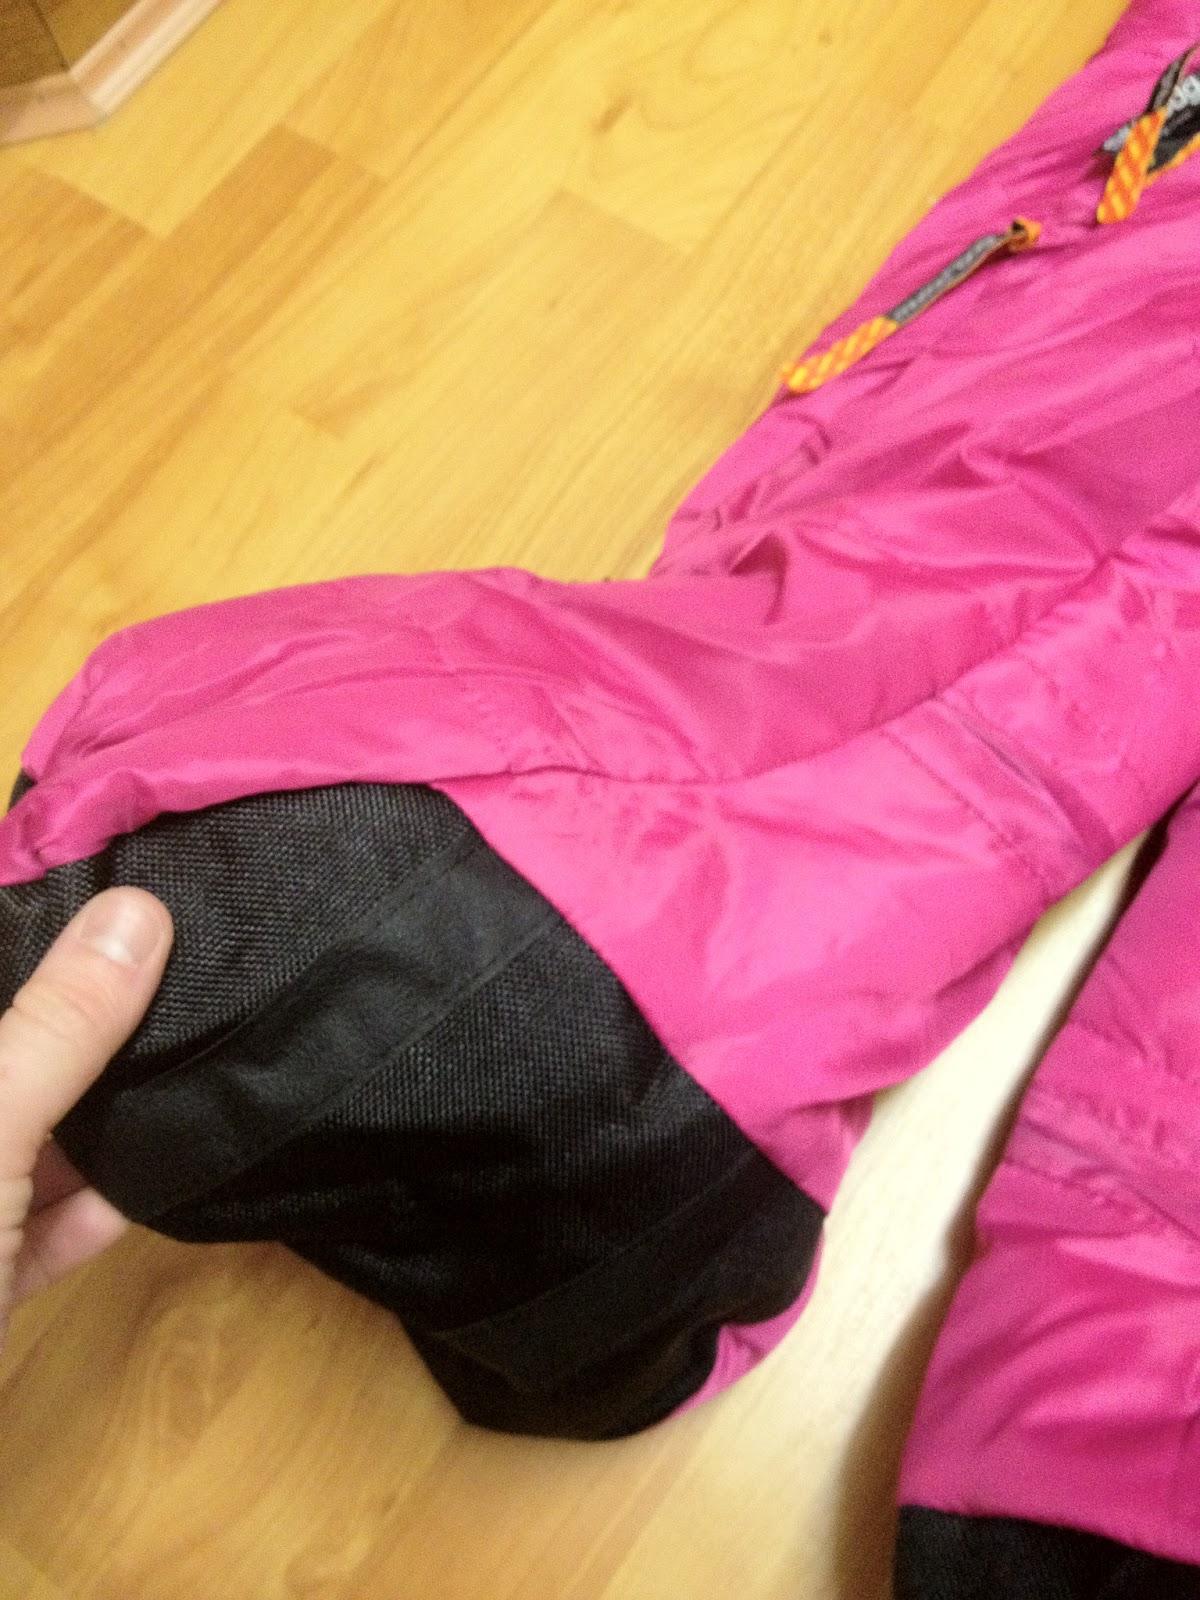 Outdoor gear and gadgets reviews by Matt.: Musuc bag ...